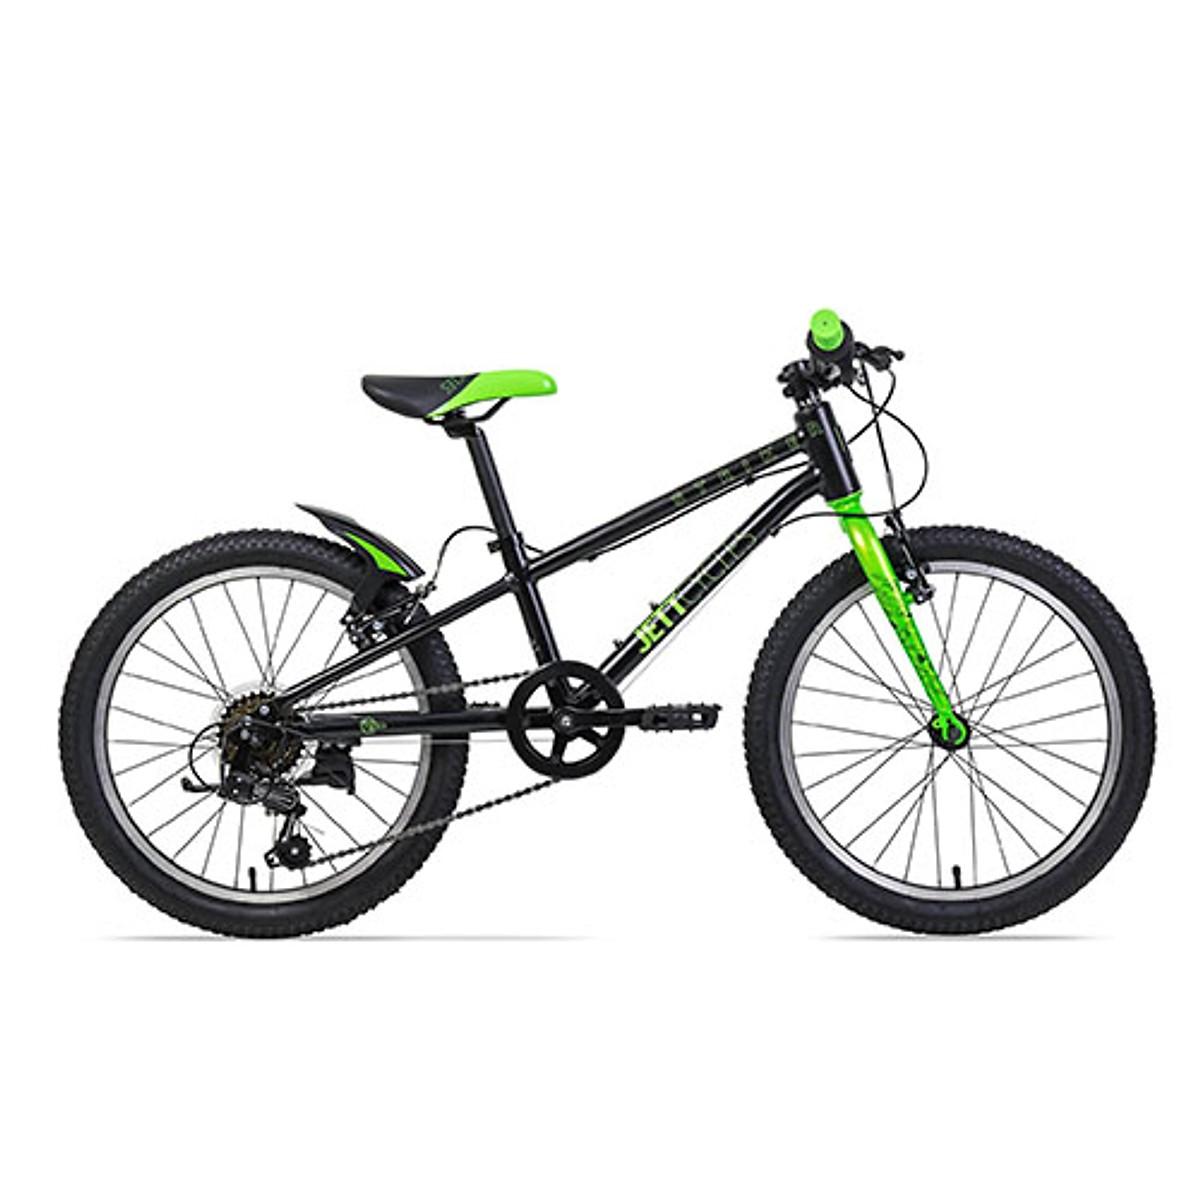 Chia sẻ cách chọn xe đạp trẻ em loại nào tốt cho phụ huynh 2